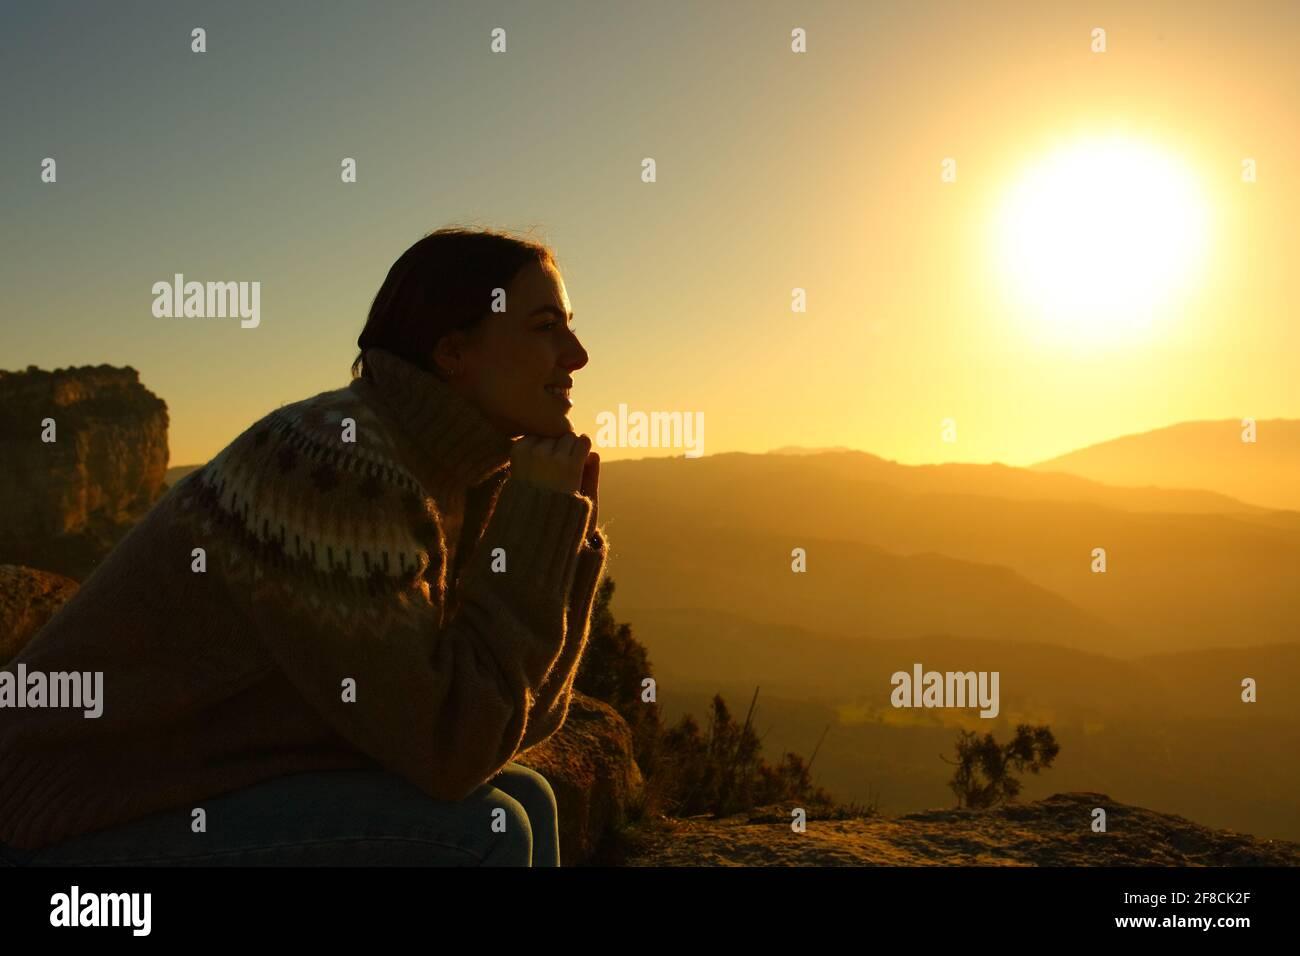 Profil de contre-jour d'une silhouette de femme méditant au coucher du soleil à l'intérieur la montagne Banque D'Images